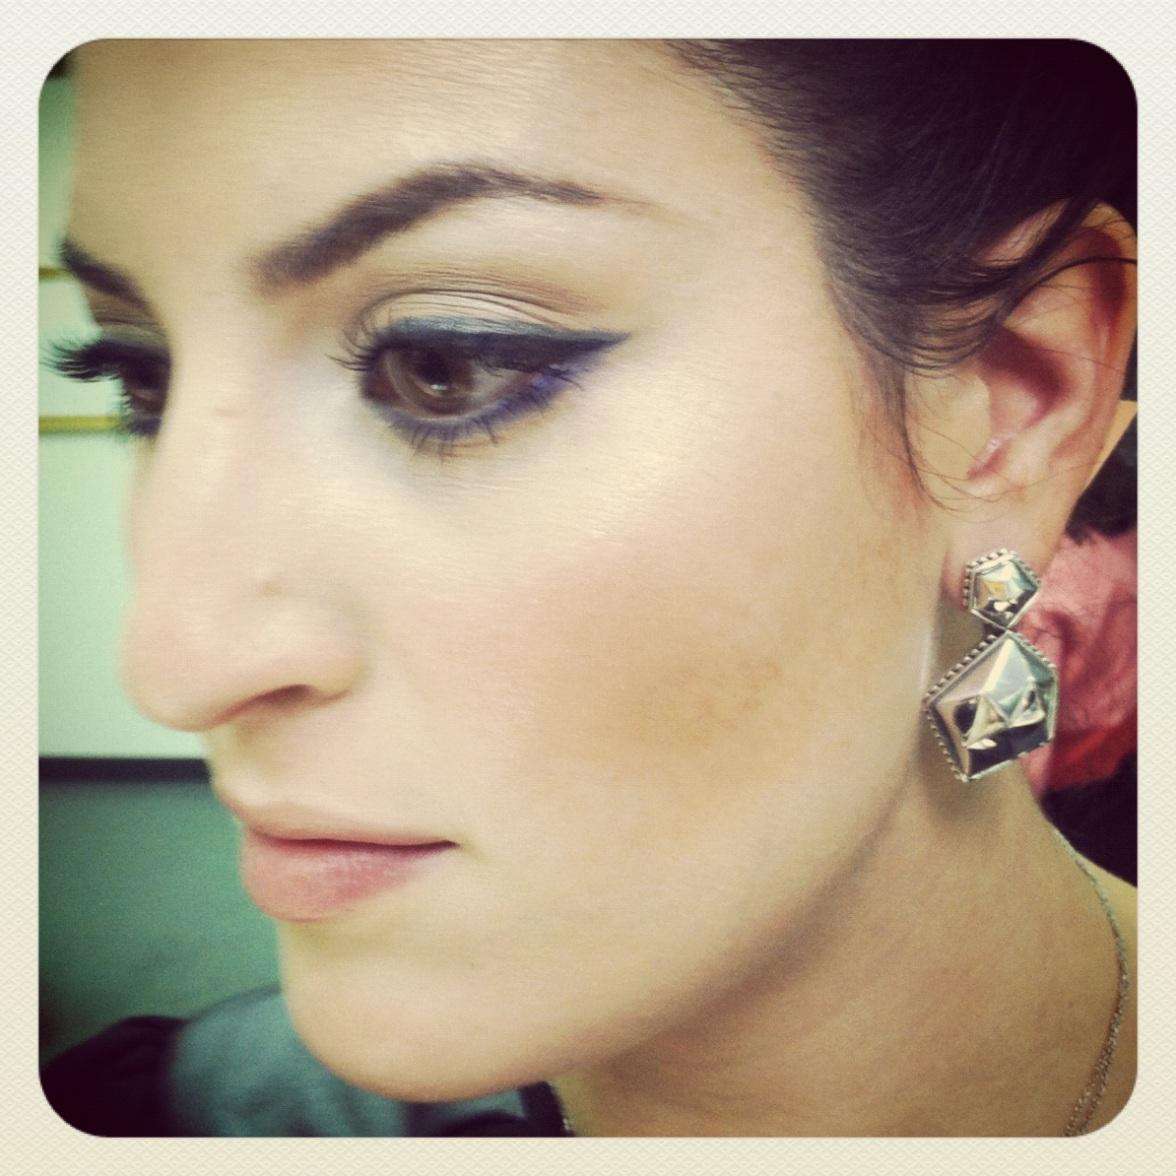 Lagos earrings